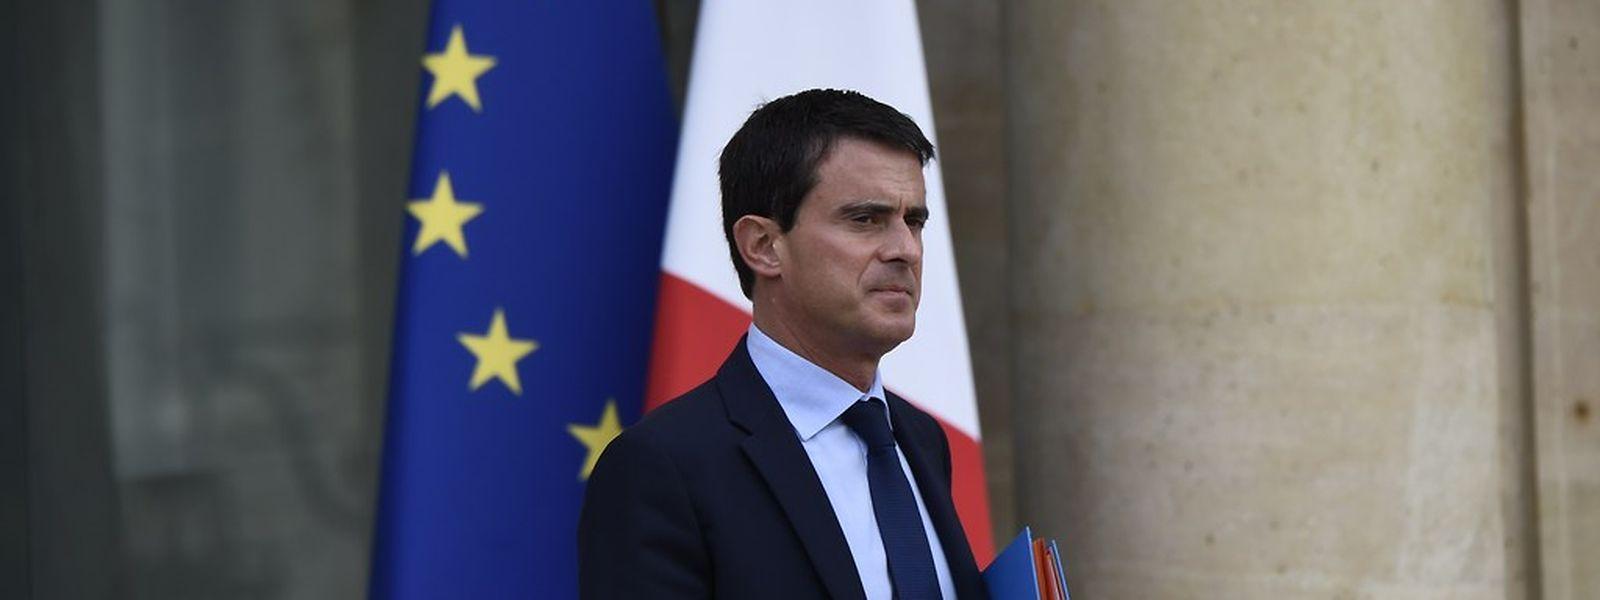 Le Premier ministre français, Manuel Valls, le 25 septembre 2014